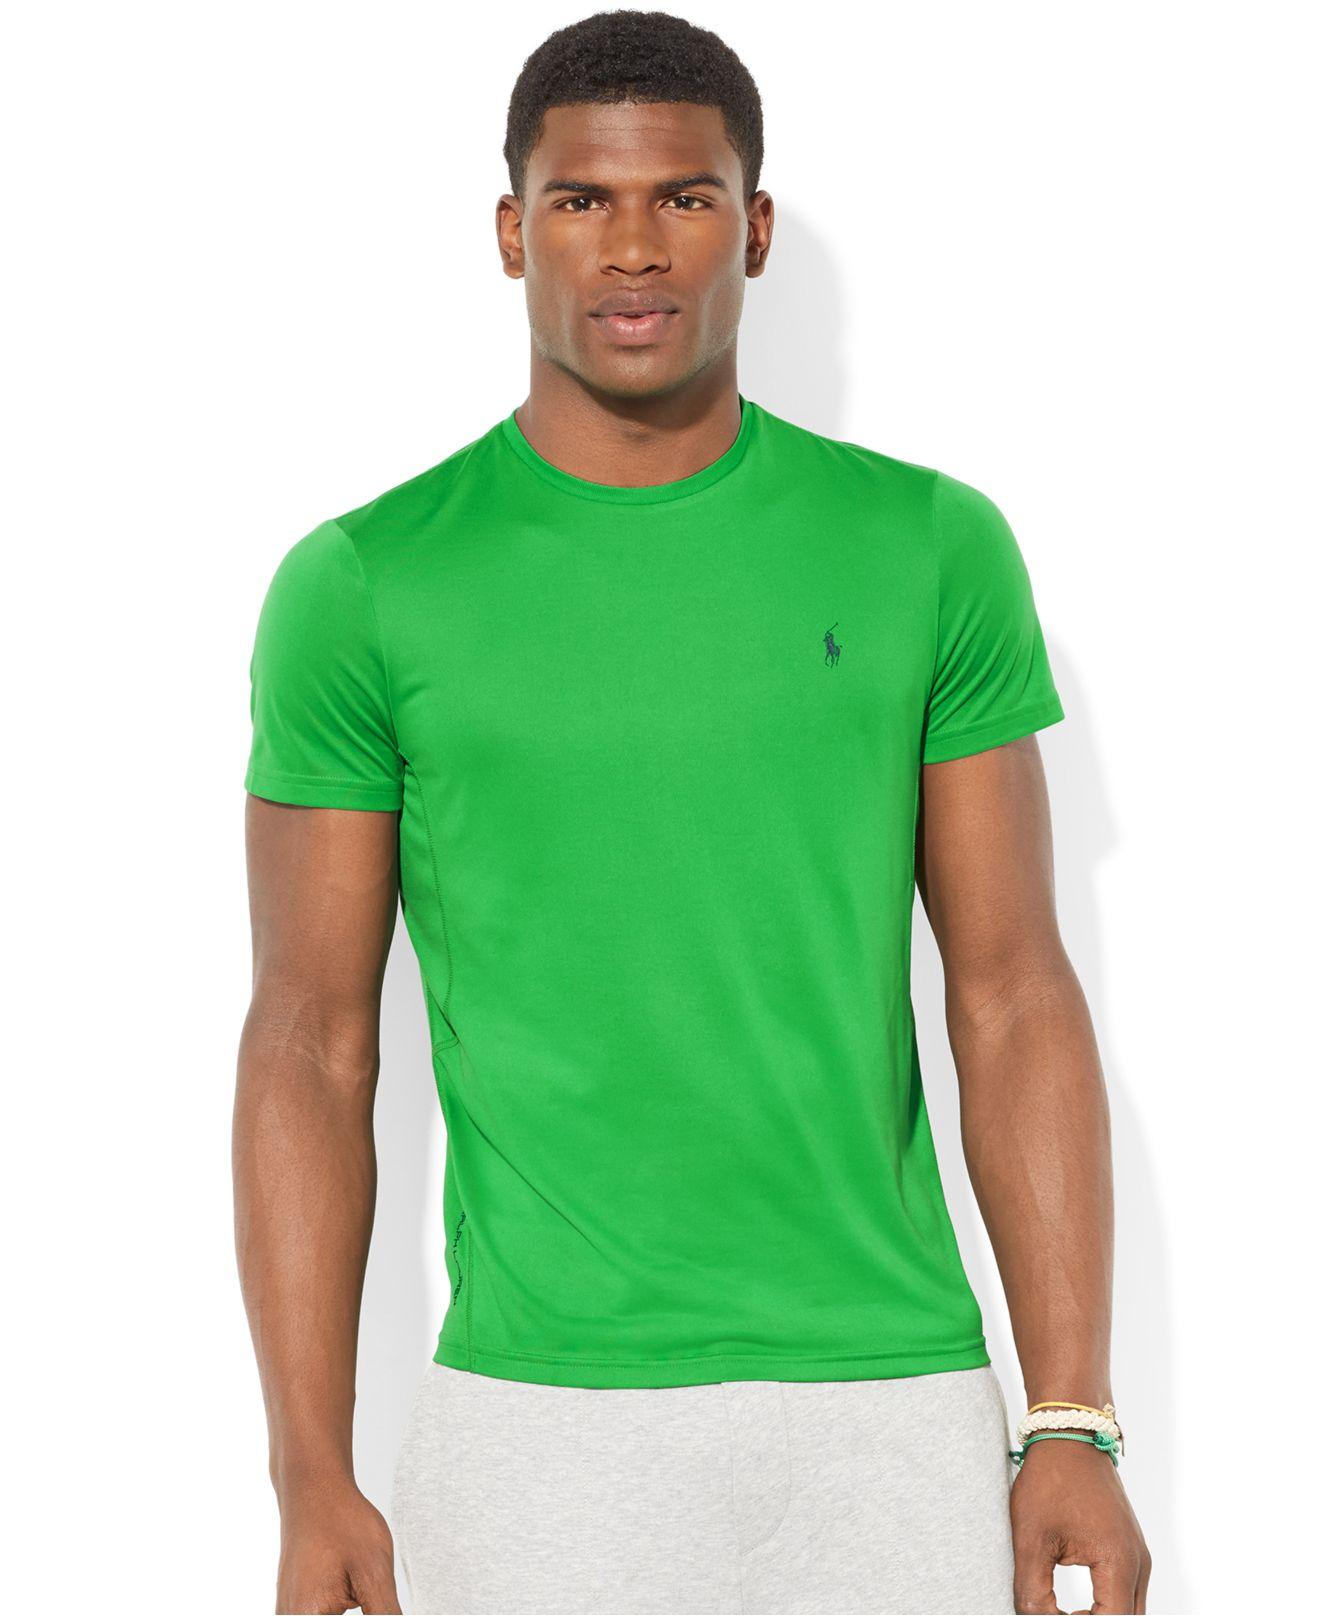 d2f7ffc4b Polo Ralph Lauren Performance Jersey T-Shirt in Green for Men - Lyst